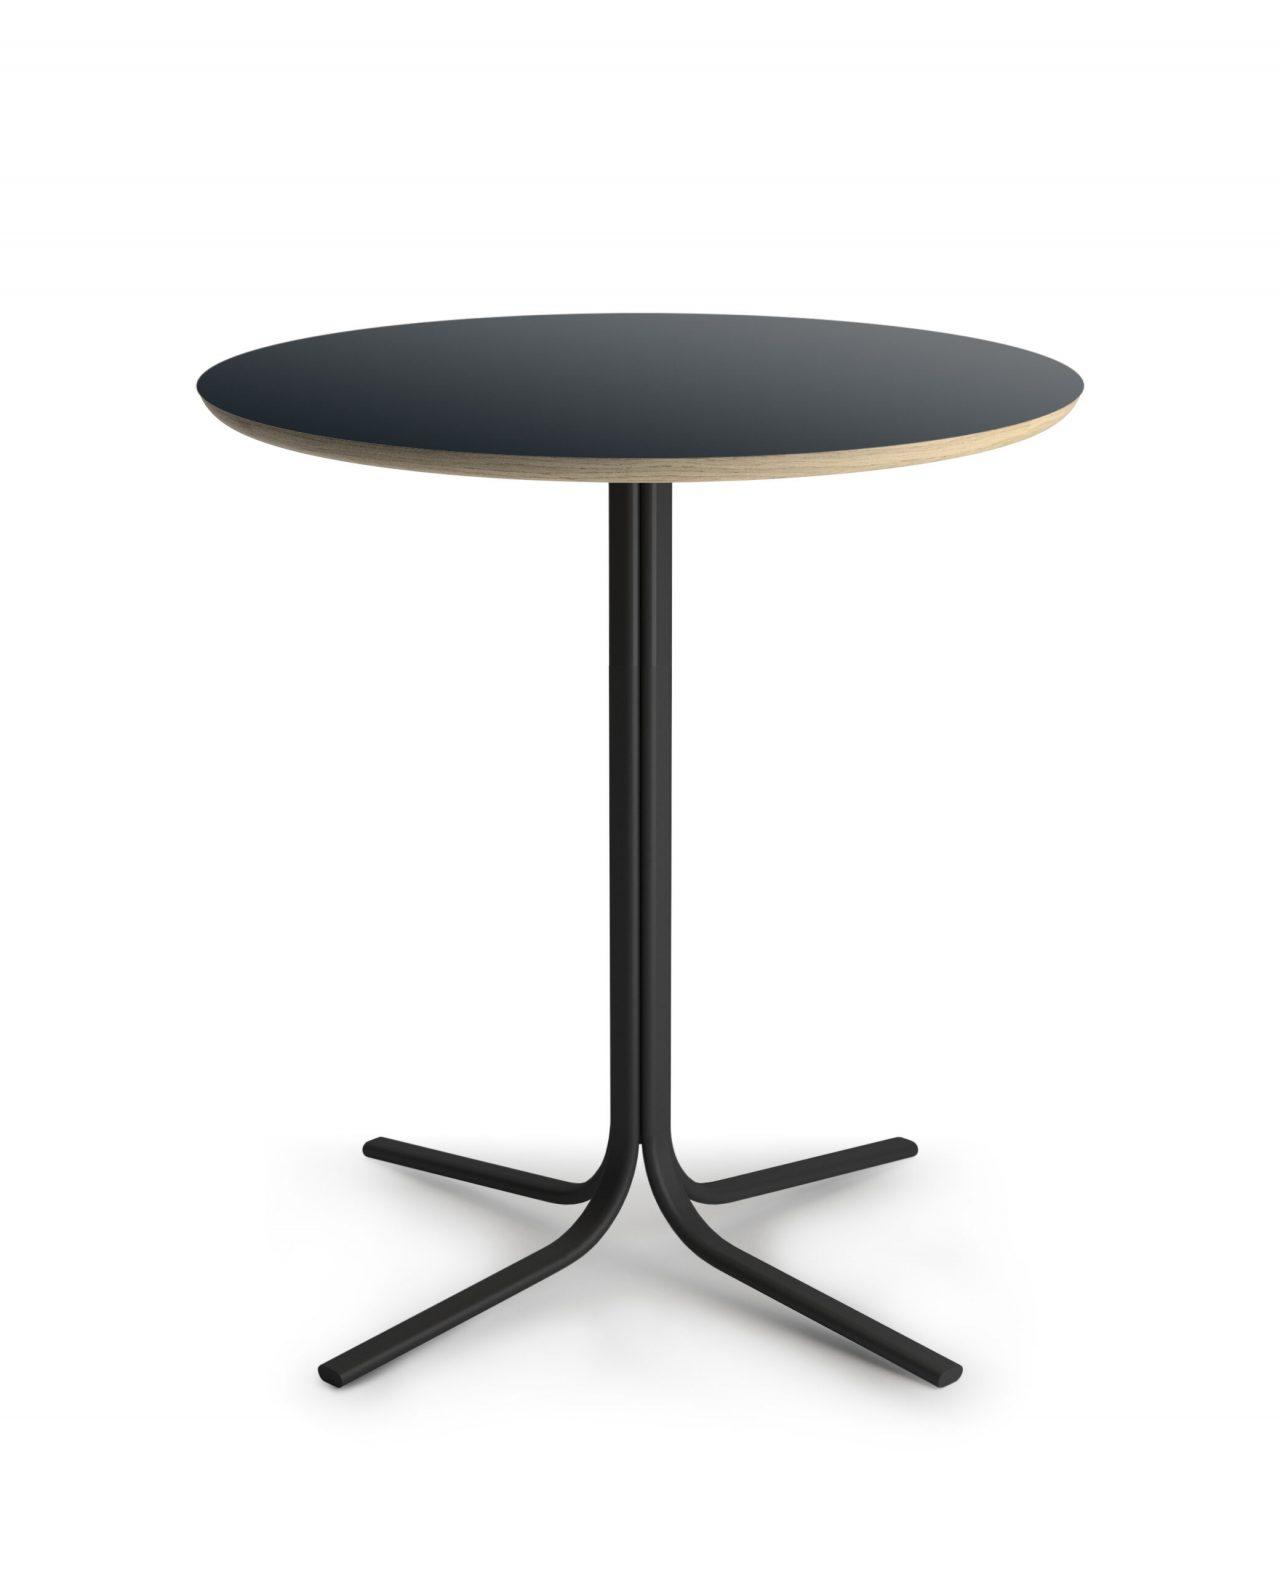 Table - table de salle à manger. Fabrication française.